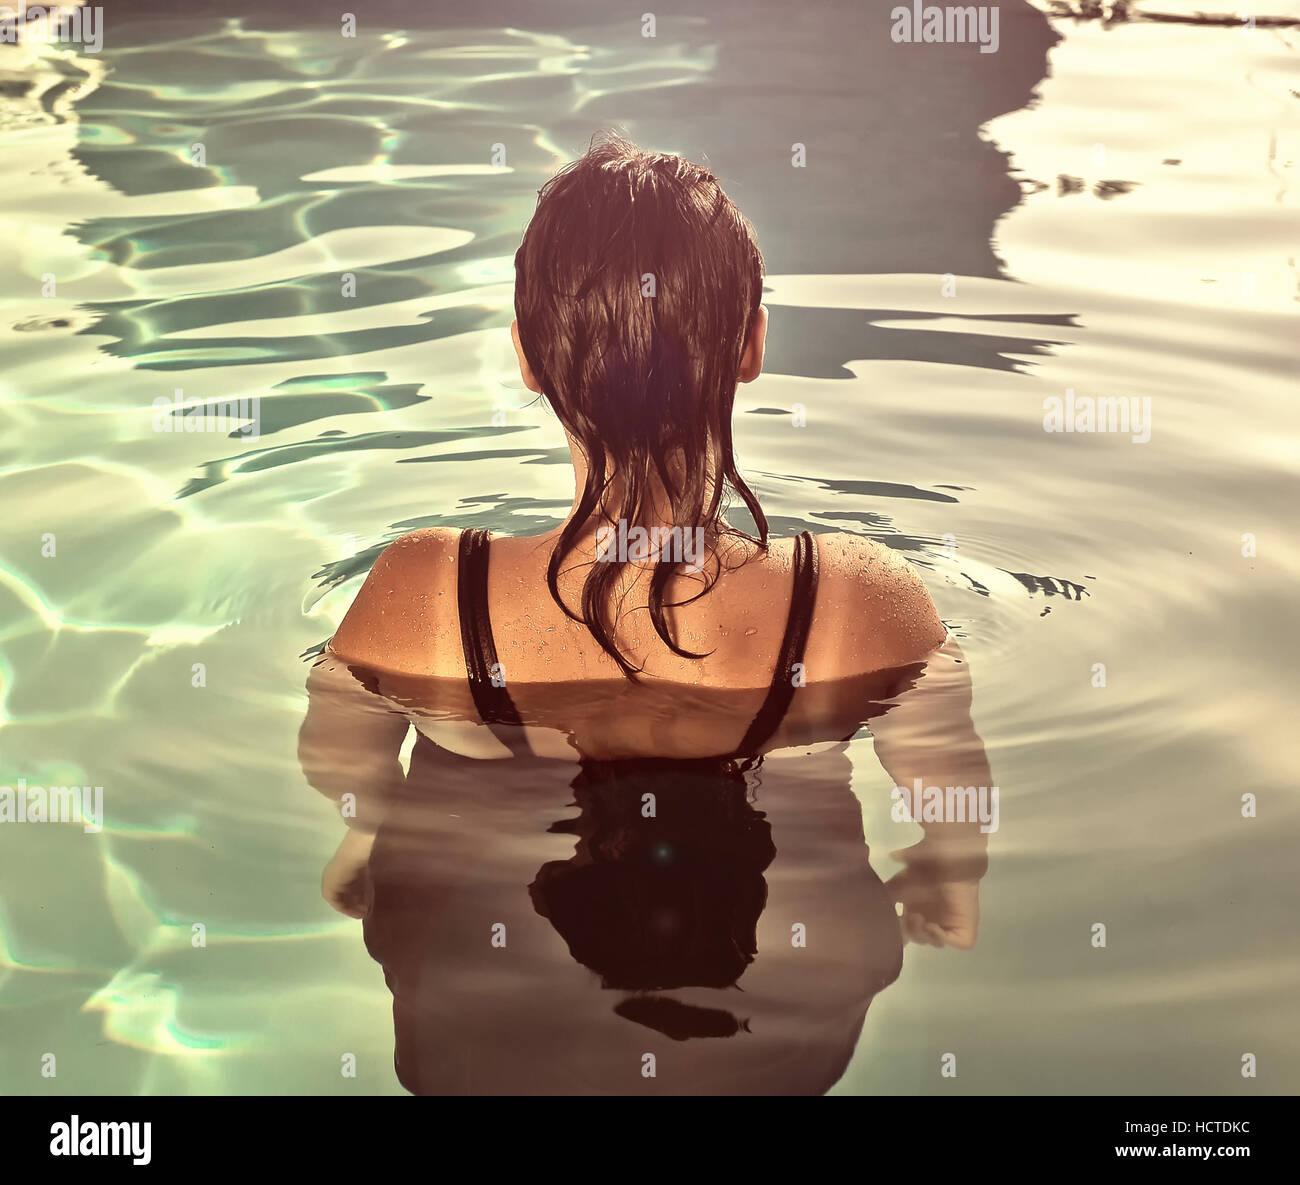 Ragazza di nuoto sott'acqua in piscina Immagini Stock